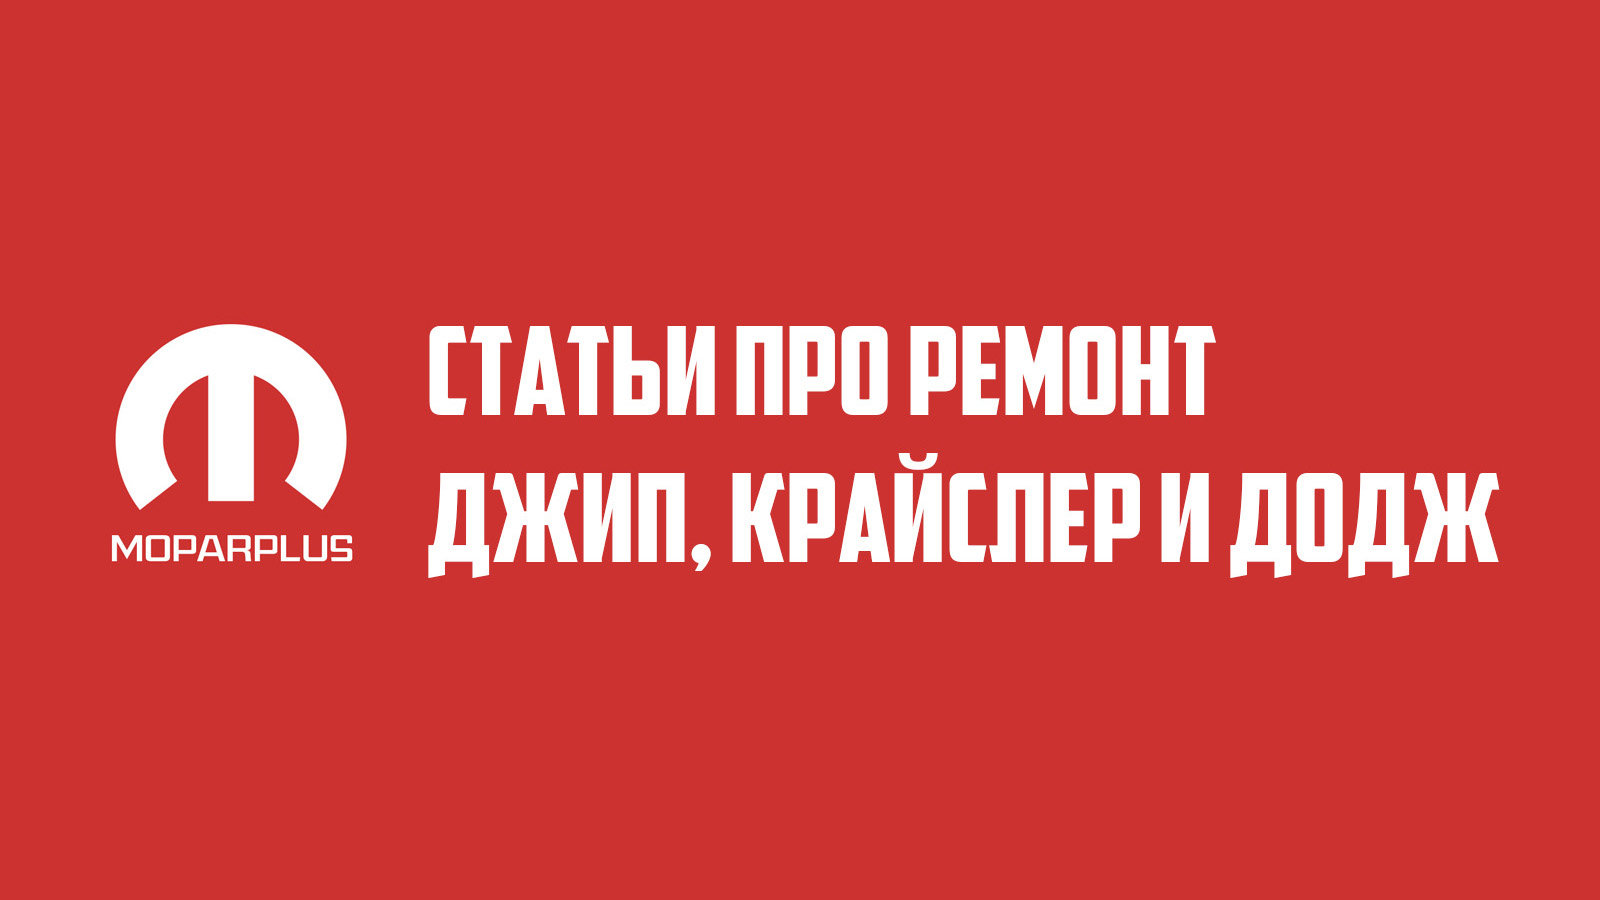 Статьи про ремонт. Выпуск №49.